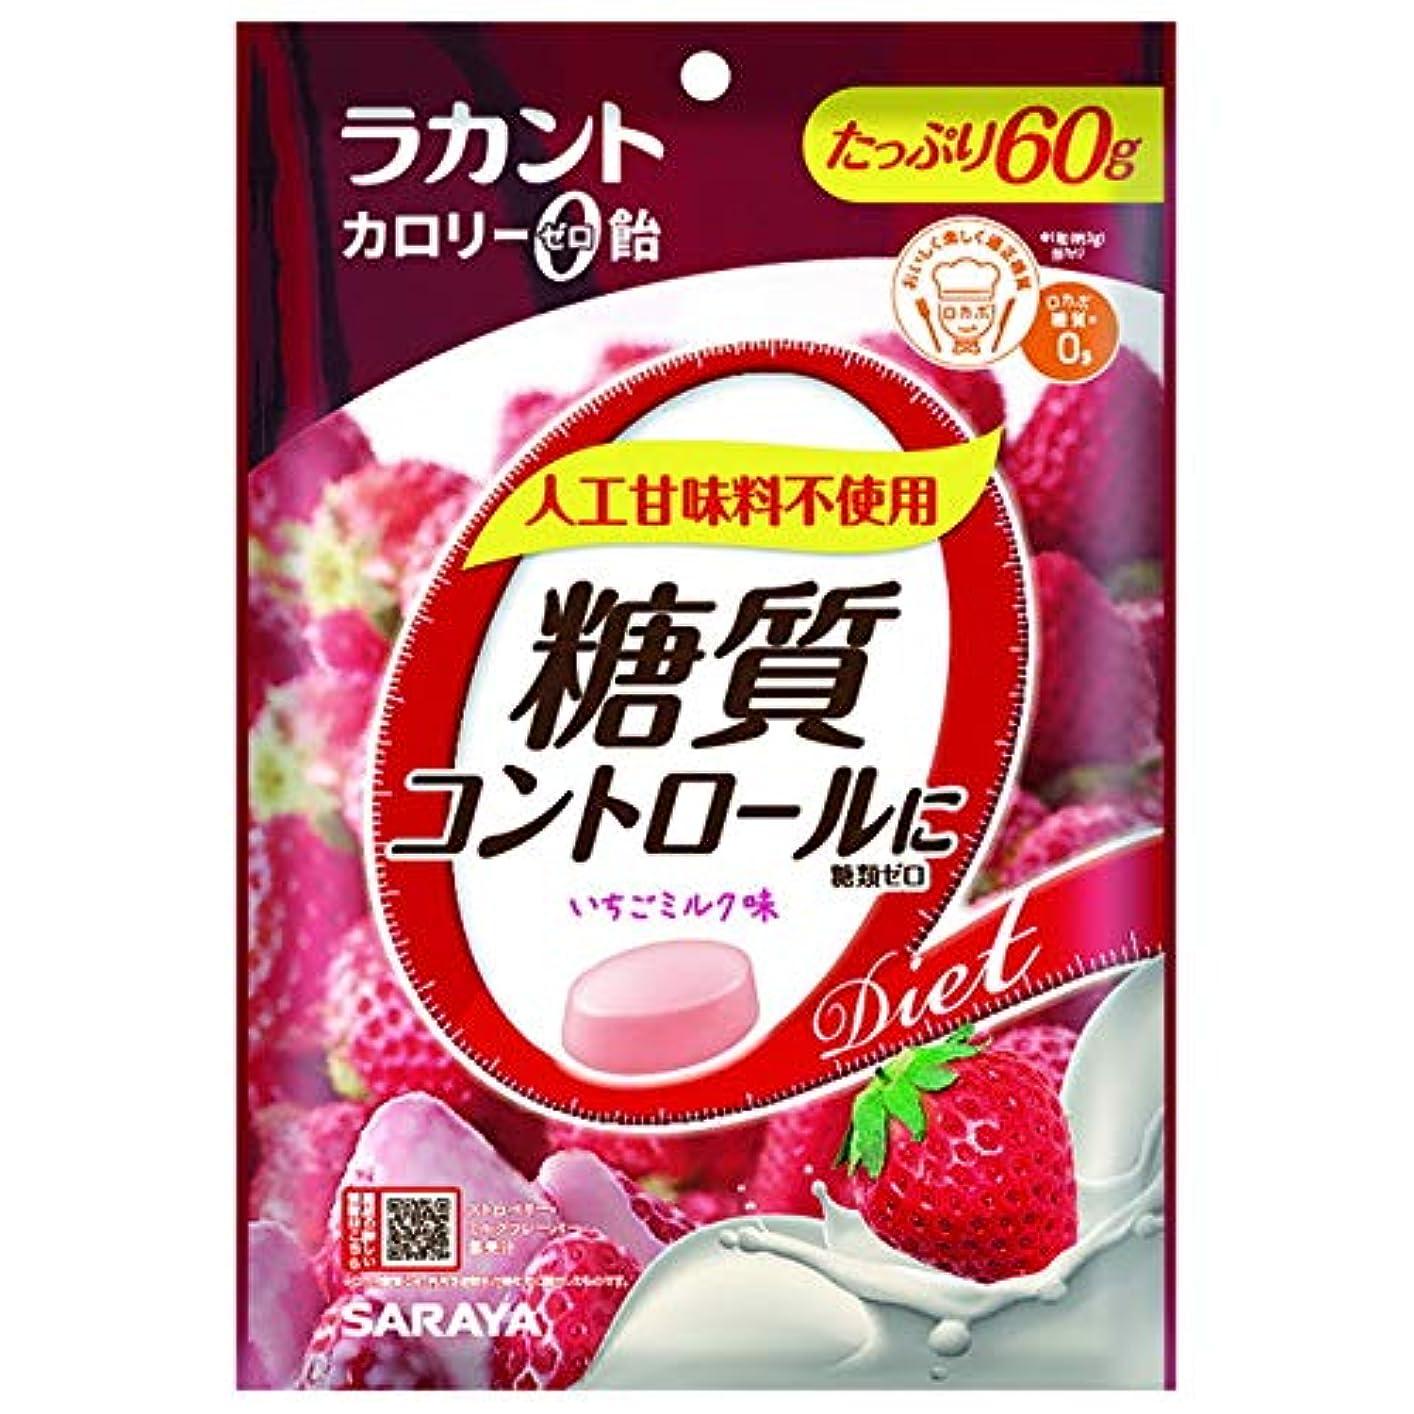 悪化する結果細断ラカント カロリーゼロ飴 いちごミルク 60g【3個セット】